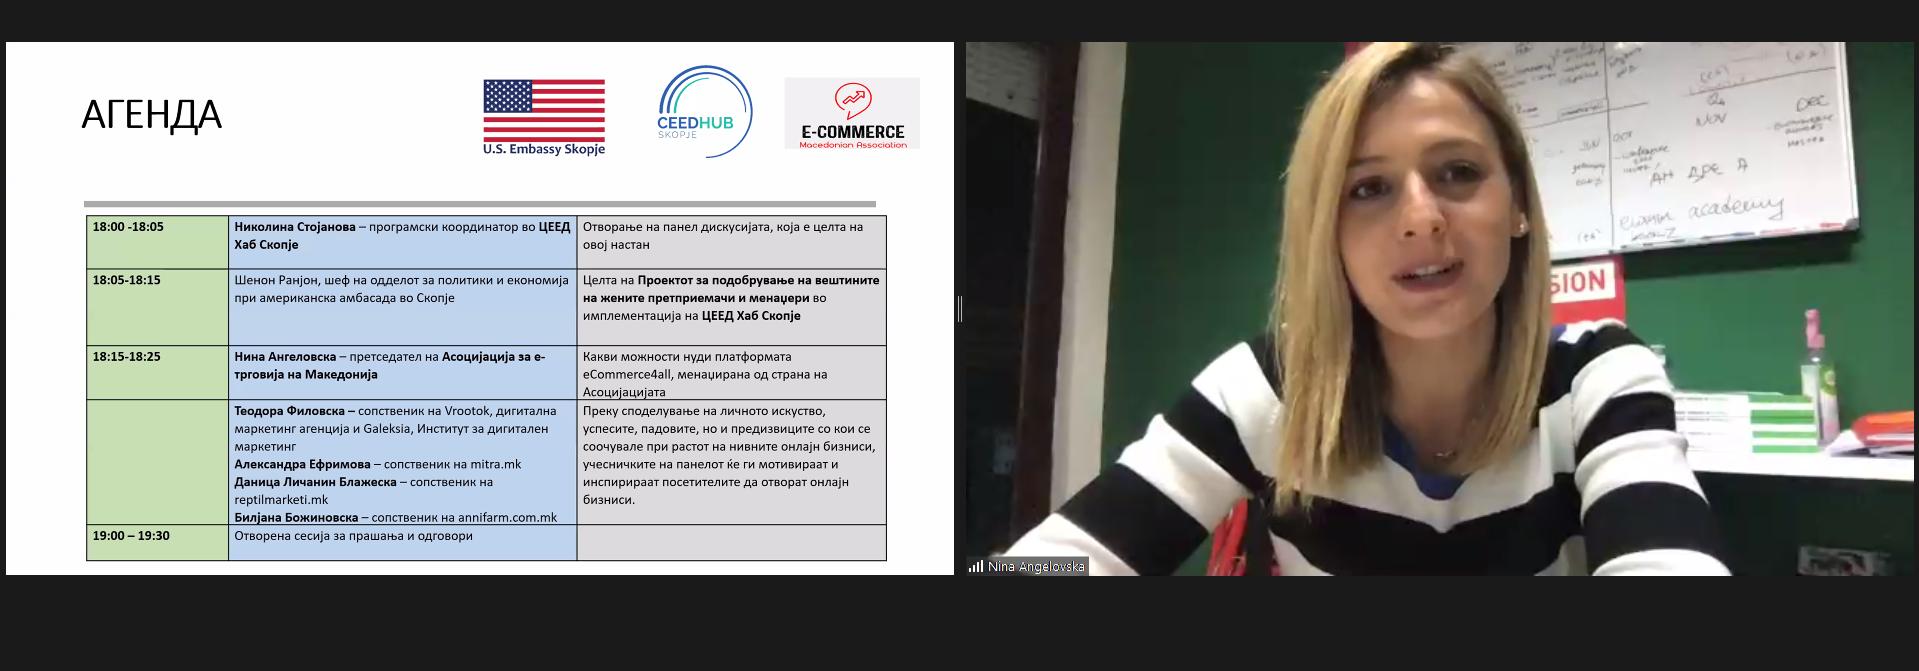 Обраќање на Нина Ангеловска, претседателка на Асоцијацијата за е-трговија на Македонија